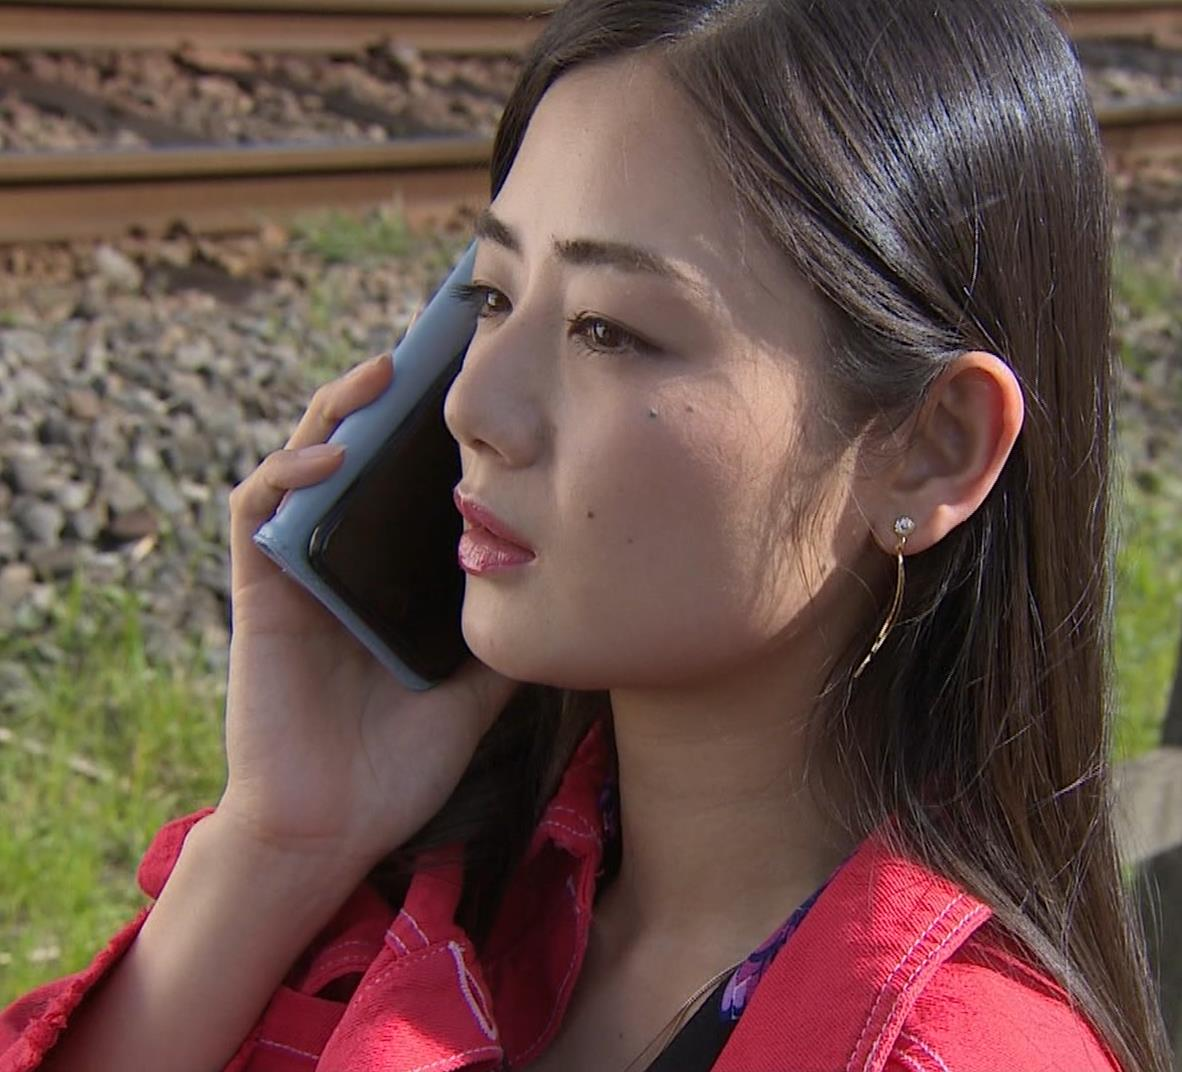 片山萌美 テレビドラマで脚露出キャプ・エロ画像8